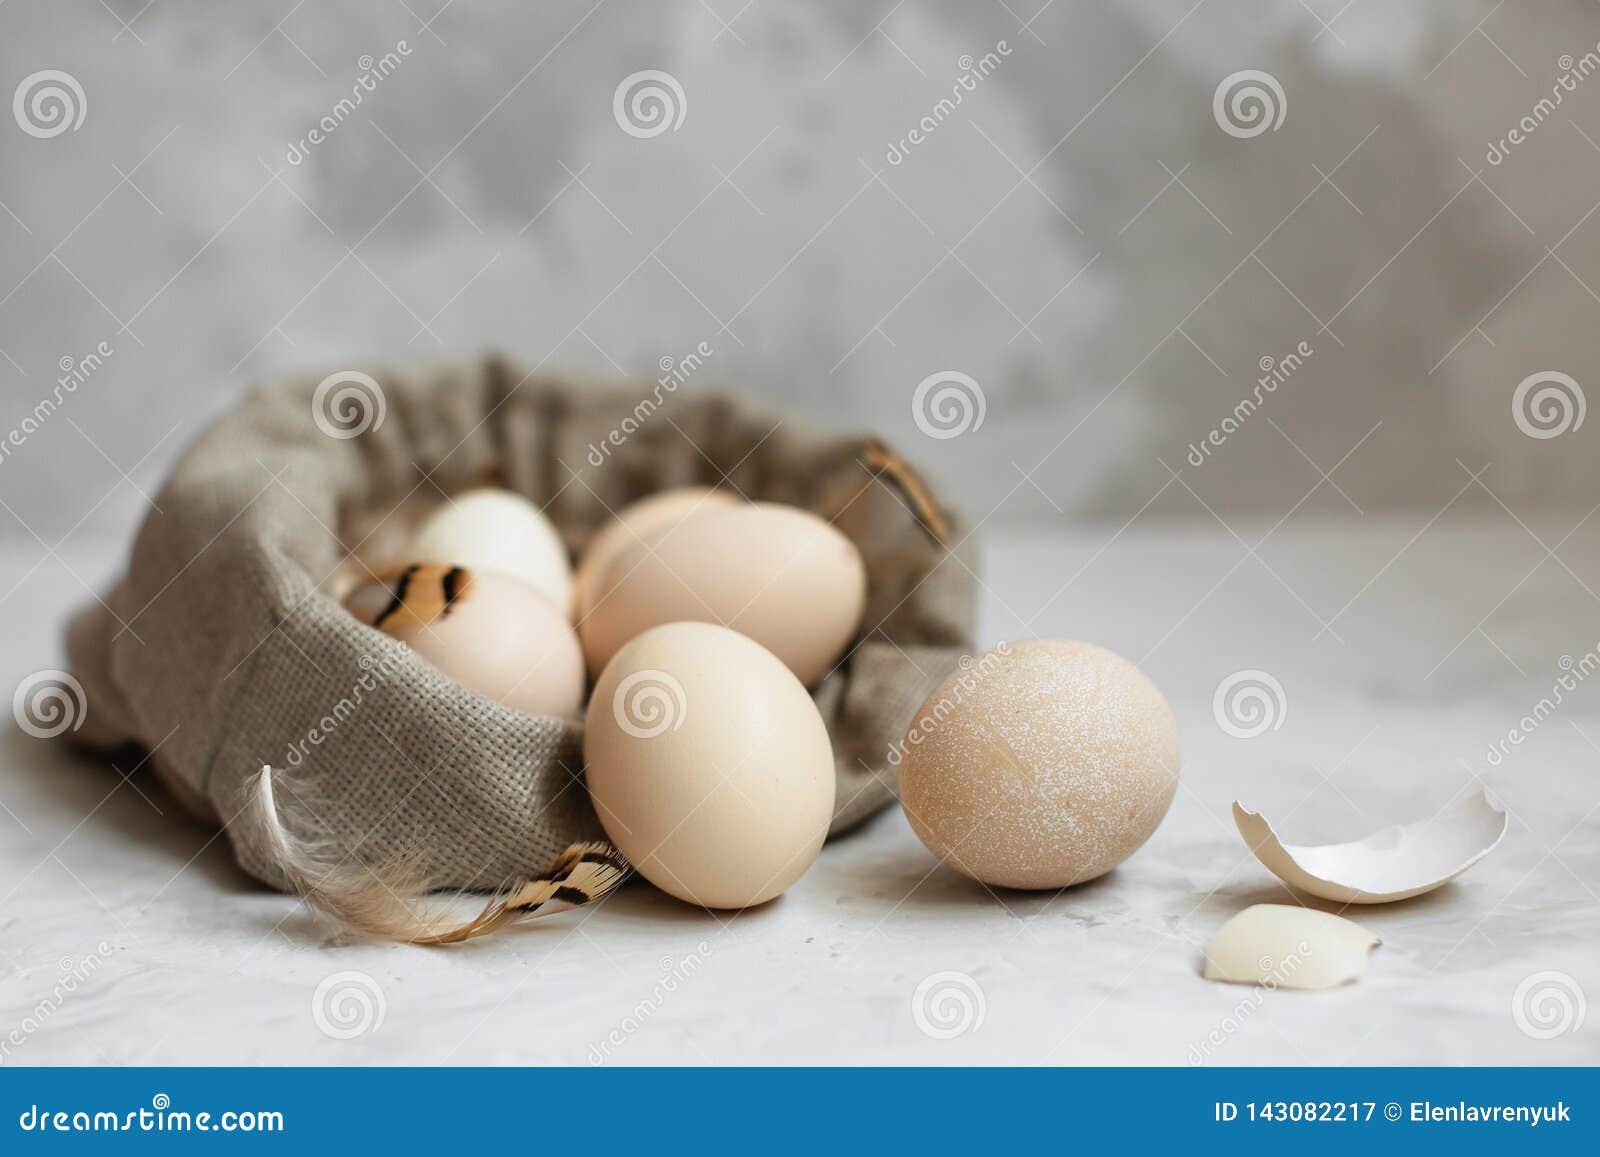 Ostereier in einer Segeltuchtasche auf einem grauen Hintergrund